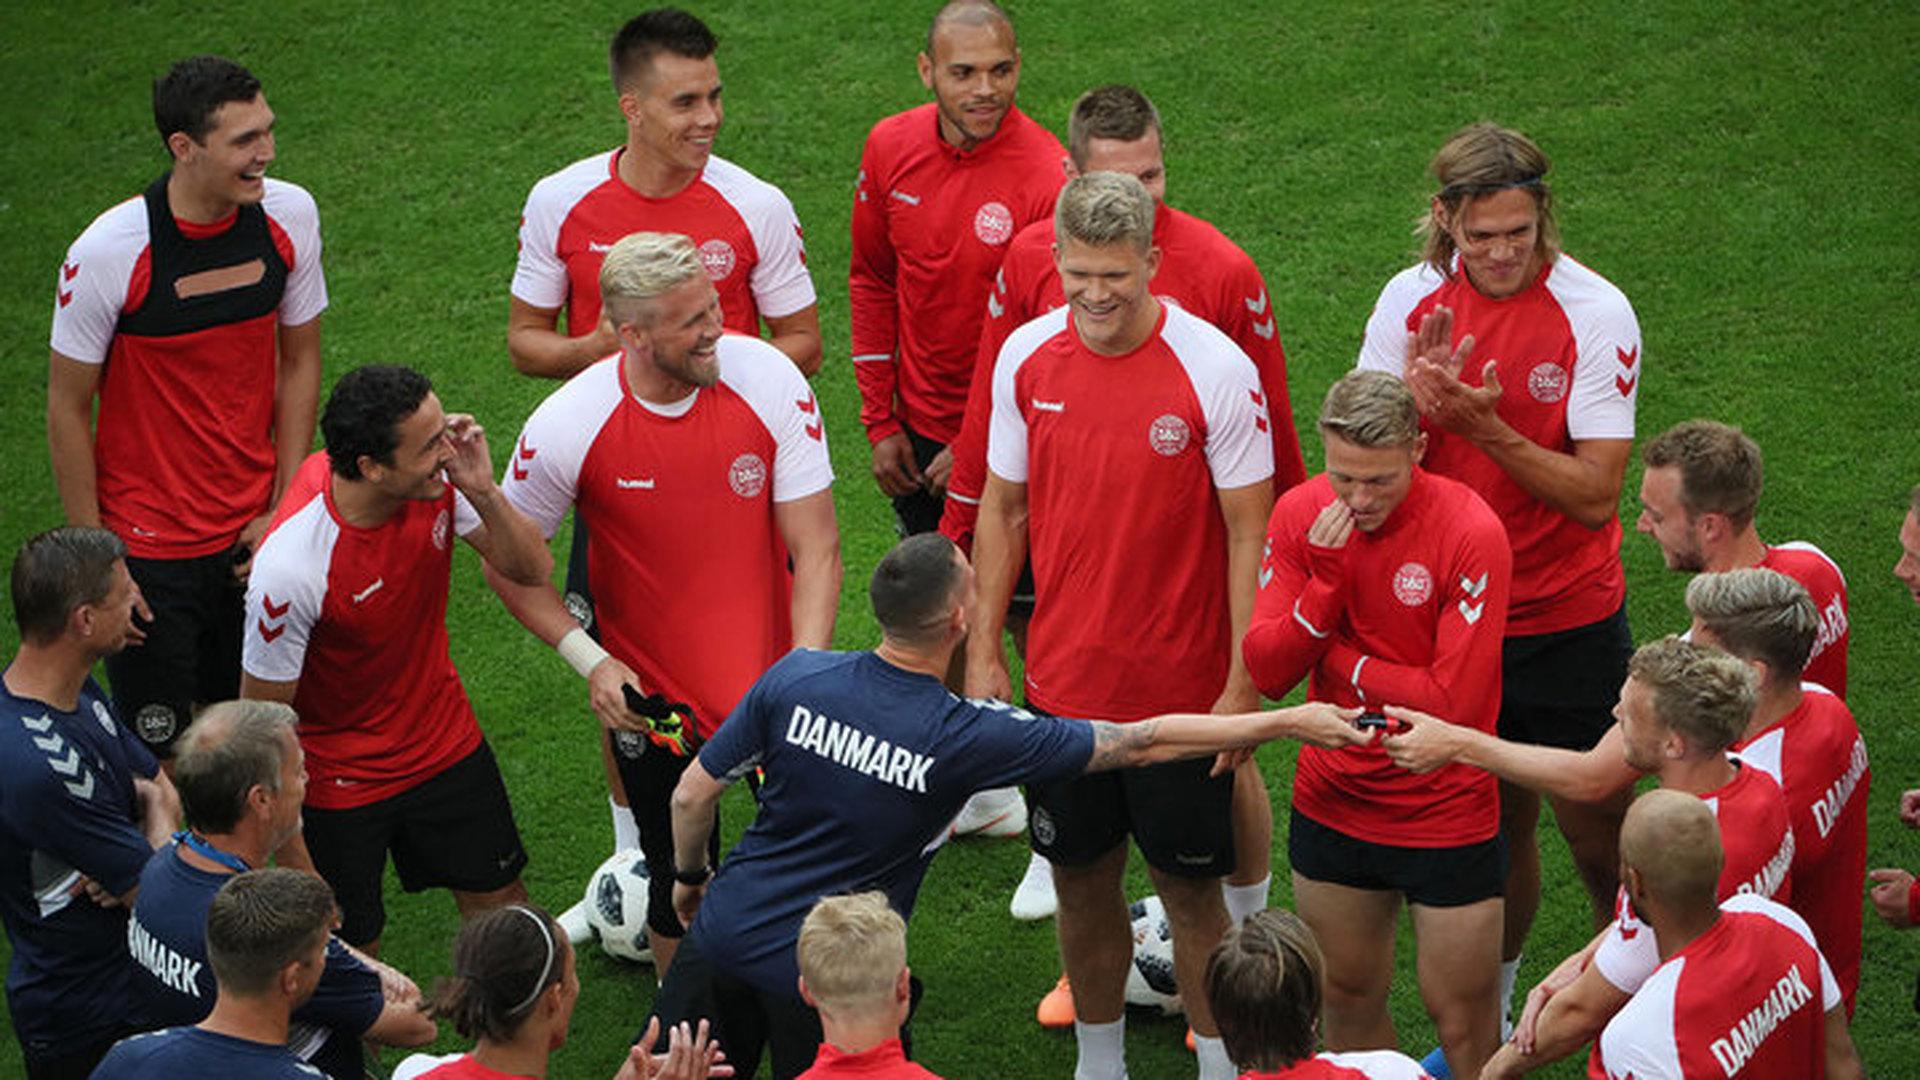 Датские футболисты арендовали самолет для партнера, ставшего отцом